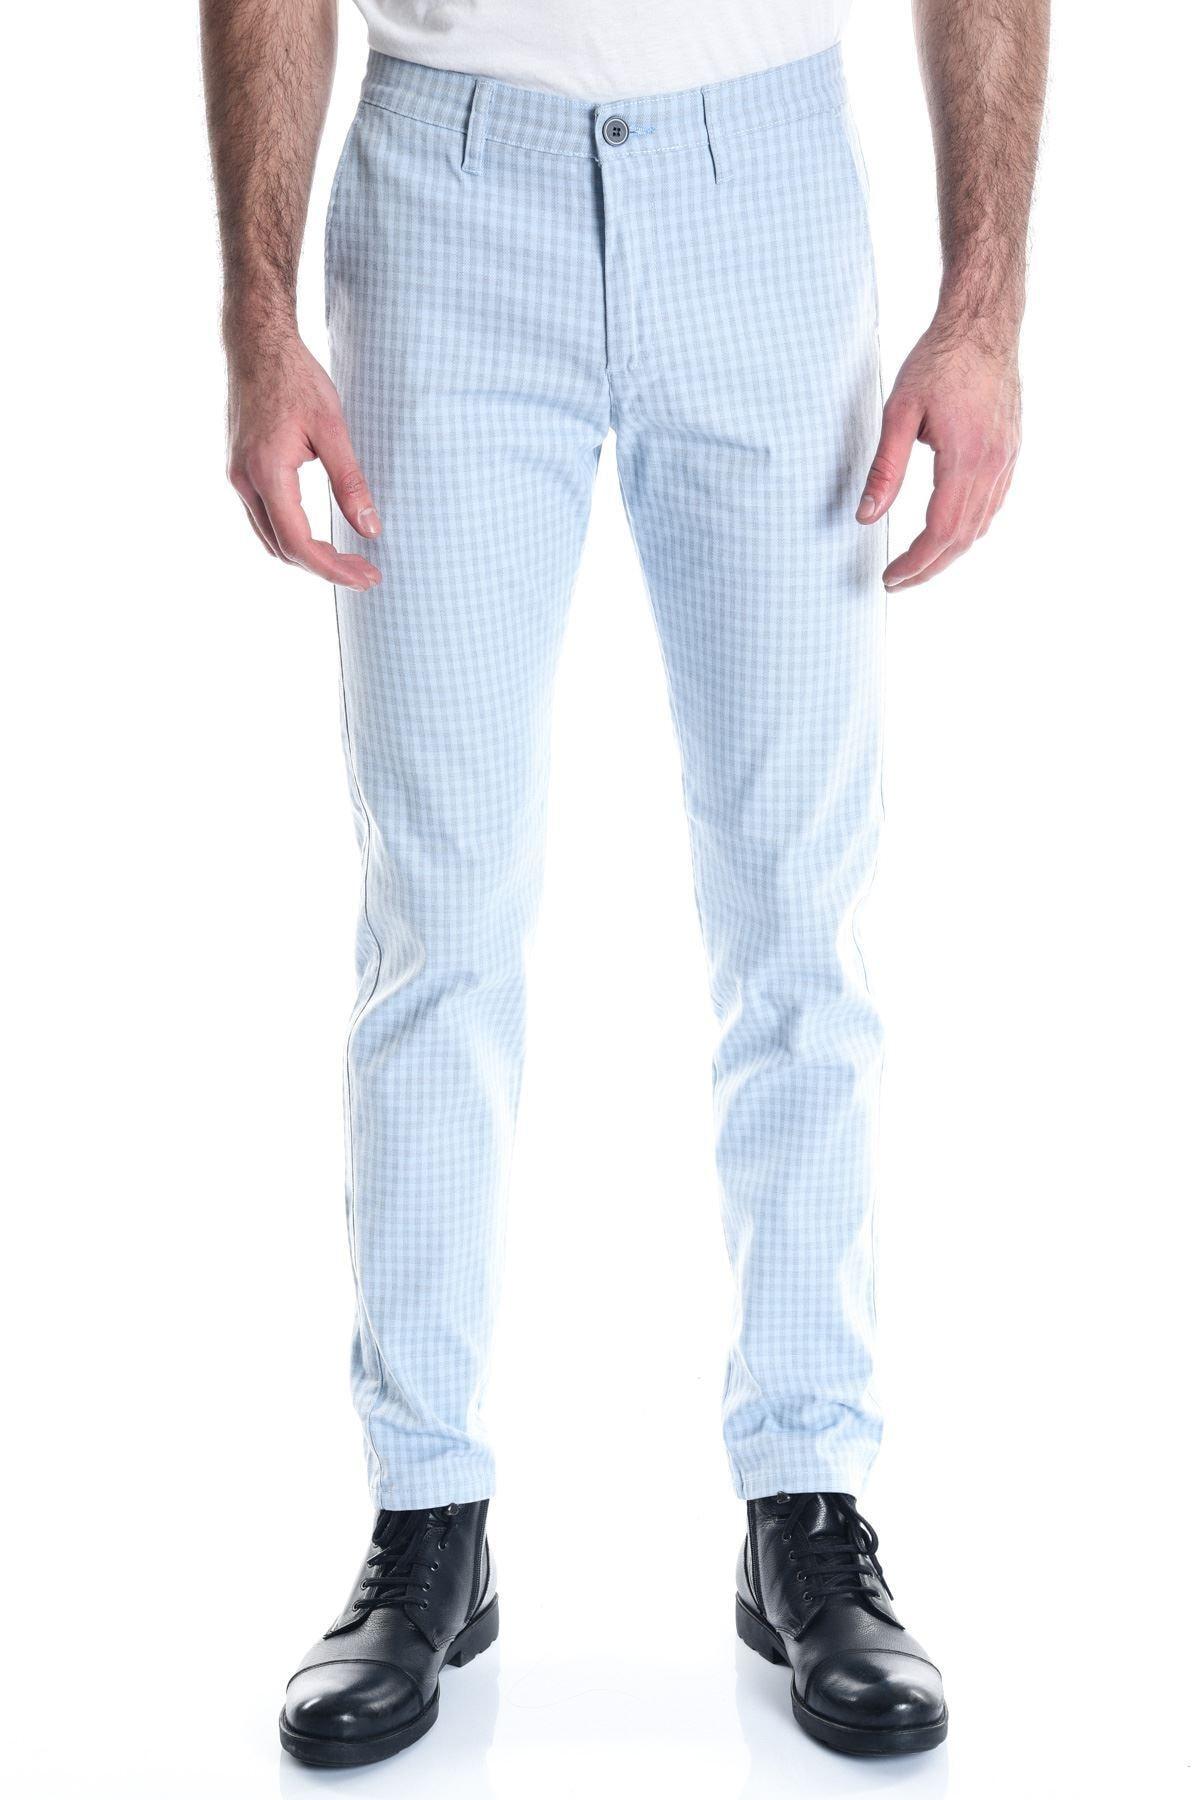 LTC Jeans Ekose Buz Mavi Slimfit Erkek Pantolon 1